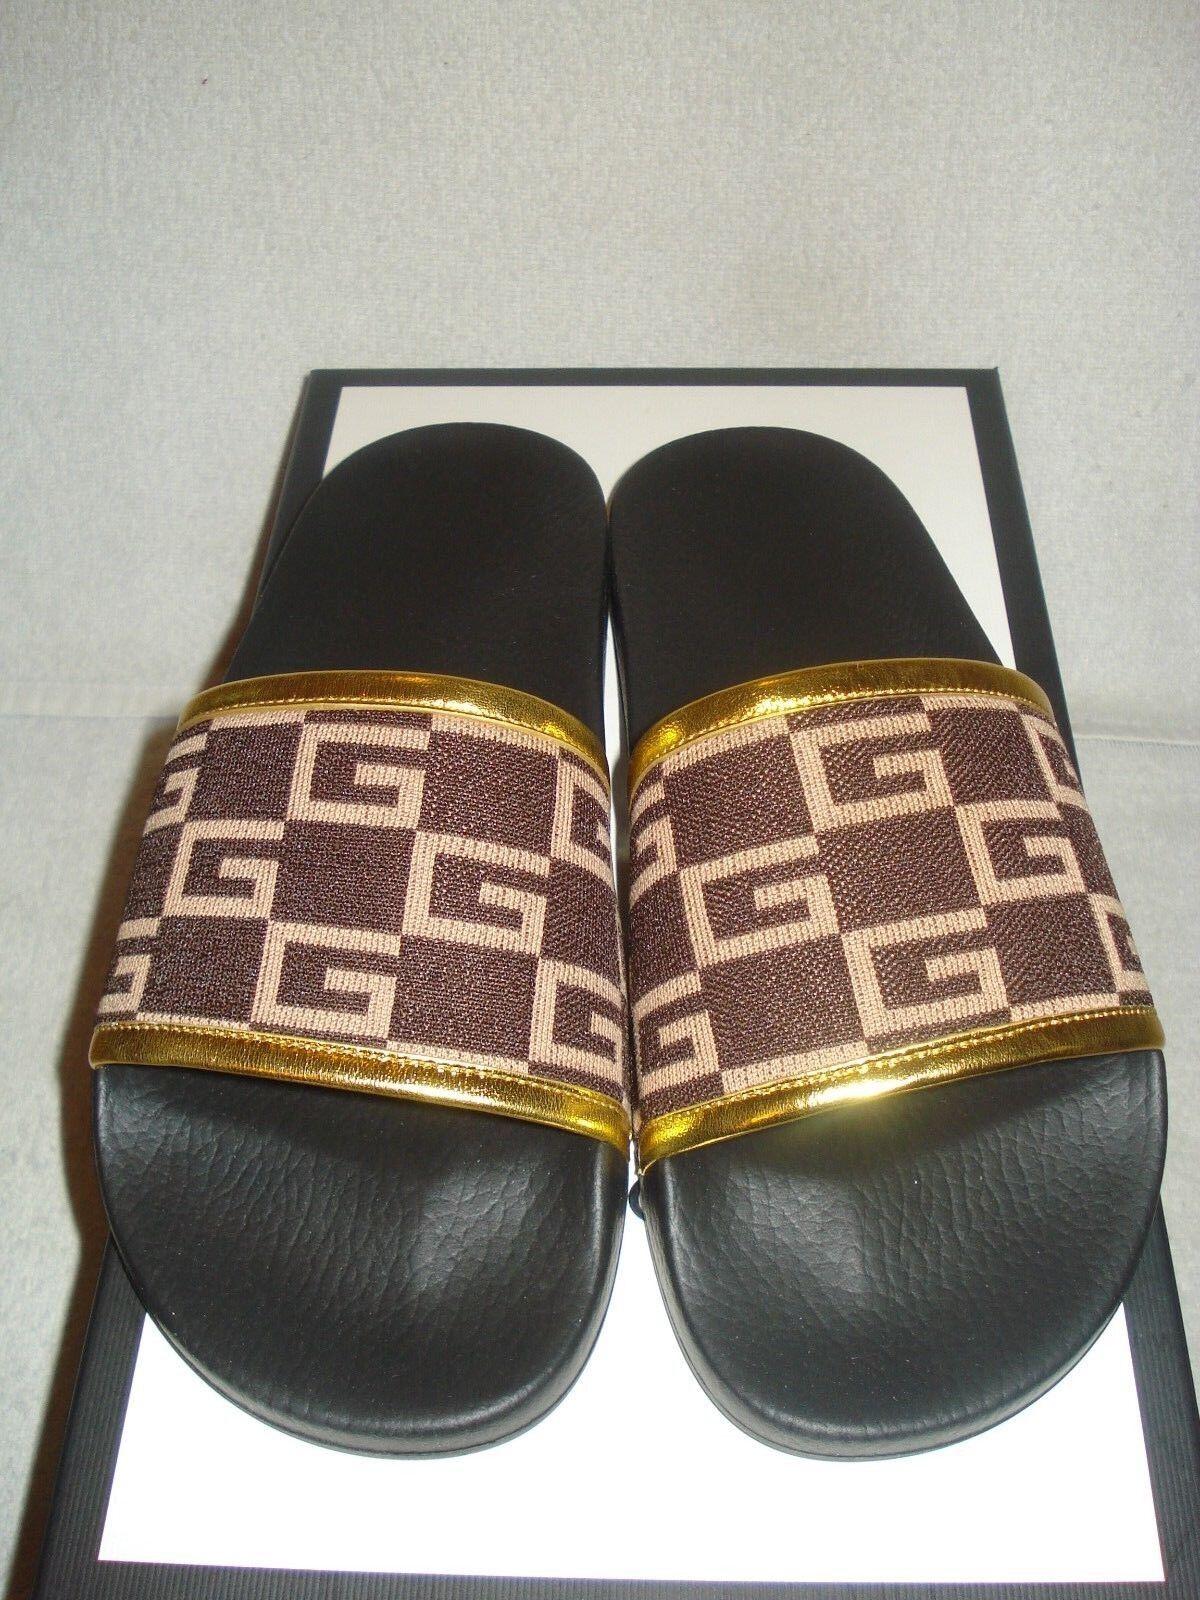 a730916e7e7 100 Authentic Men Gucci Pursuit Leather GG Sandals UK 7 us 8 for sale  online